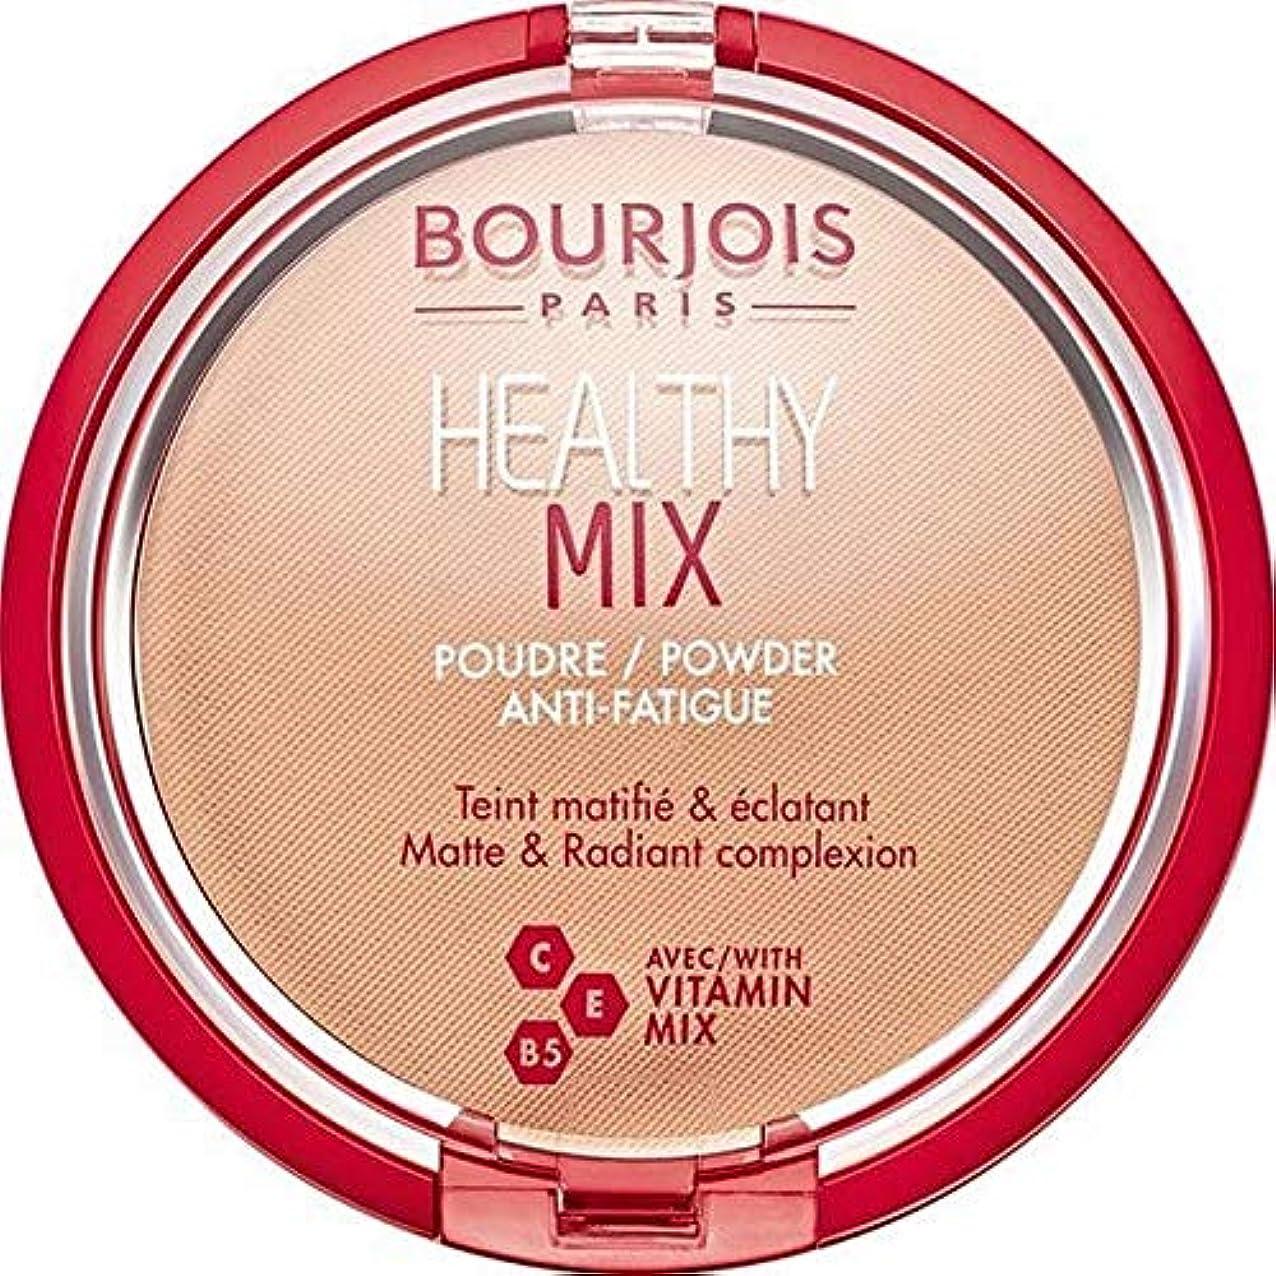 ページ噴出するネスト[Bourjois ] ブルジョワヘルシーミックスは粉末3を押します - Bourjois Healthy Mix Pressed Powder 3 [並行輸入品]